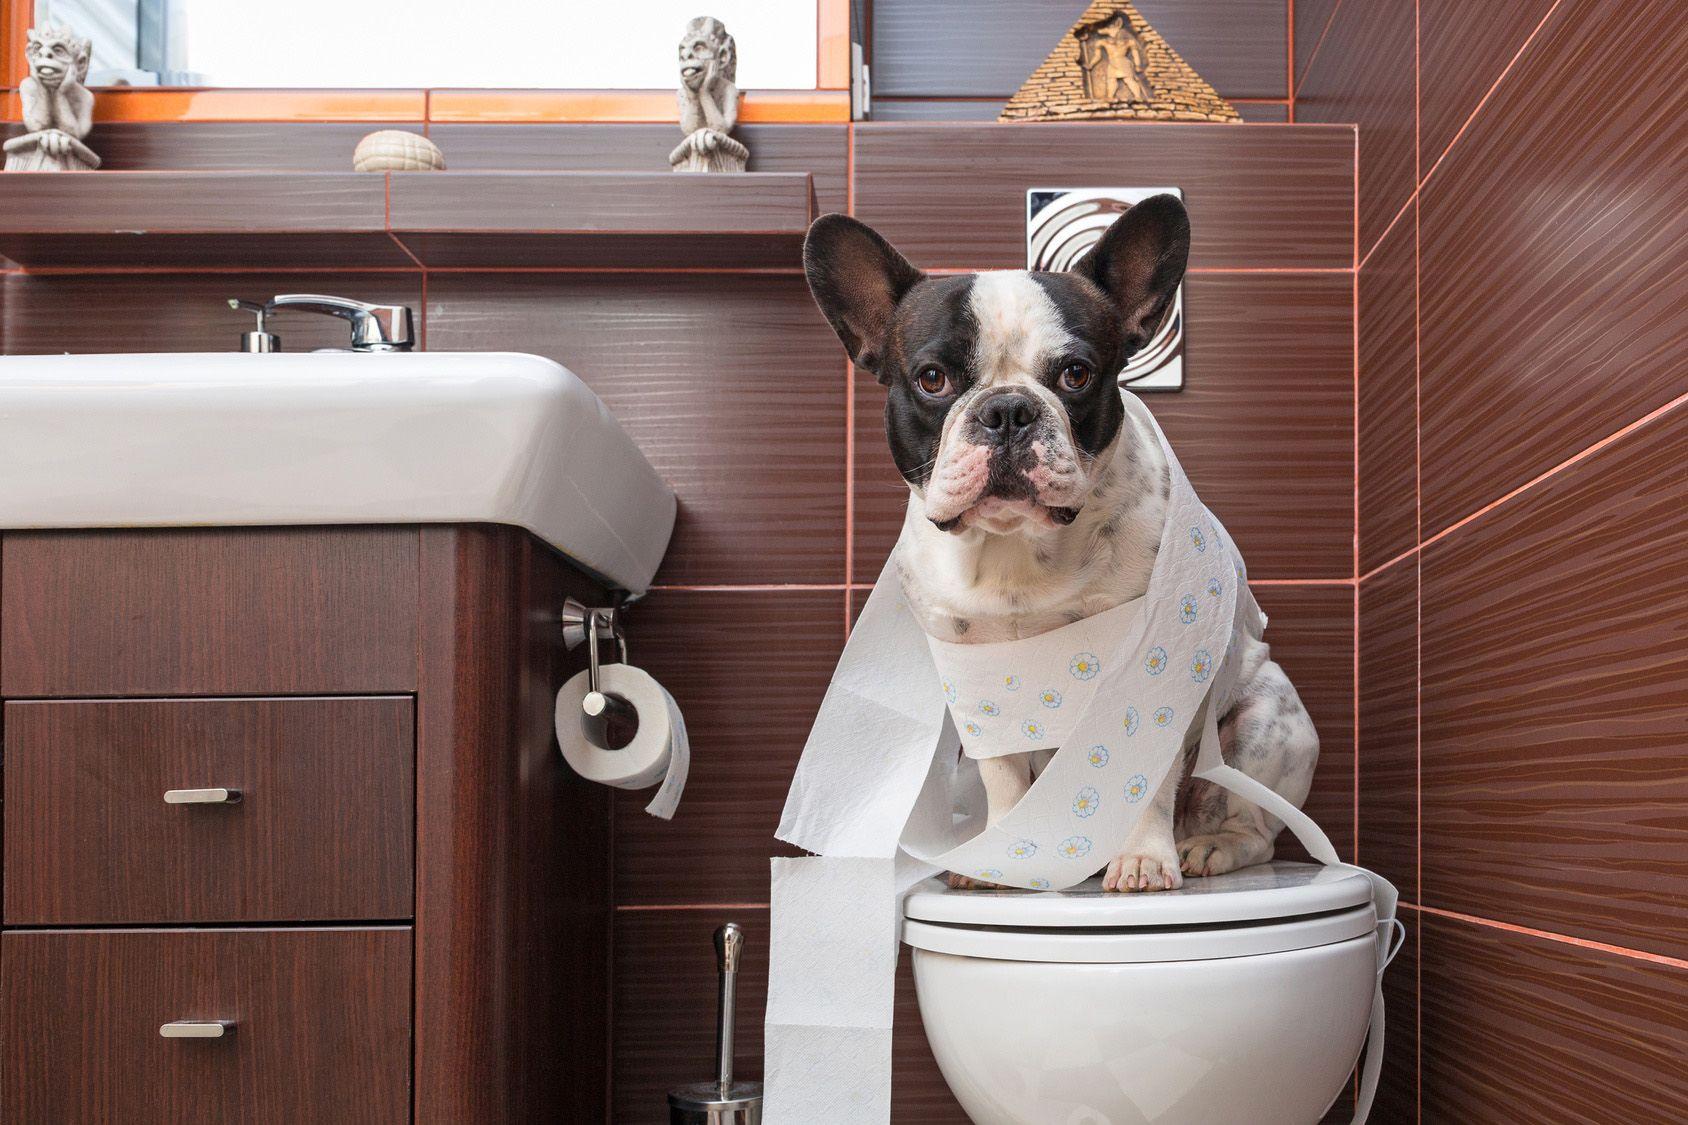 愛犬との旅行を楽しめるよう、「おトイレ」のしつけをマスターしよう!